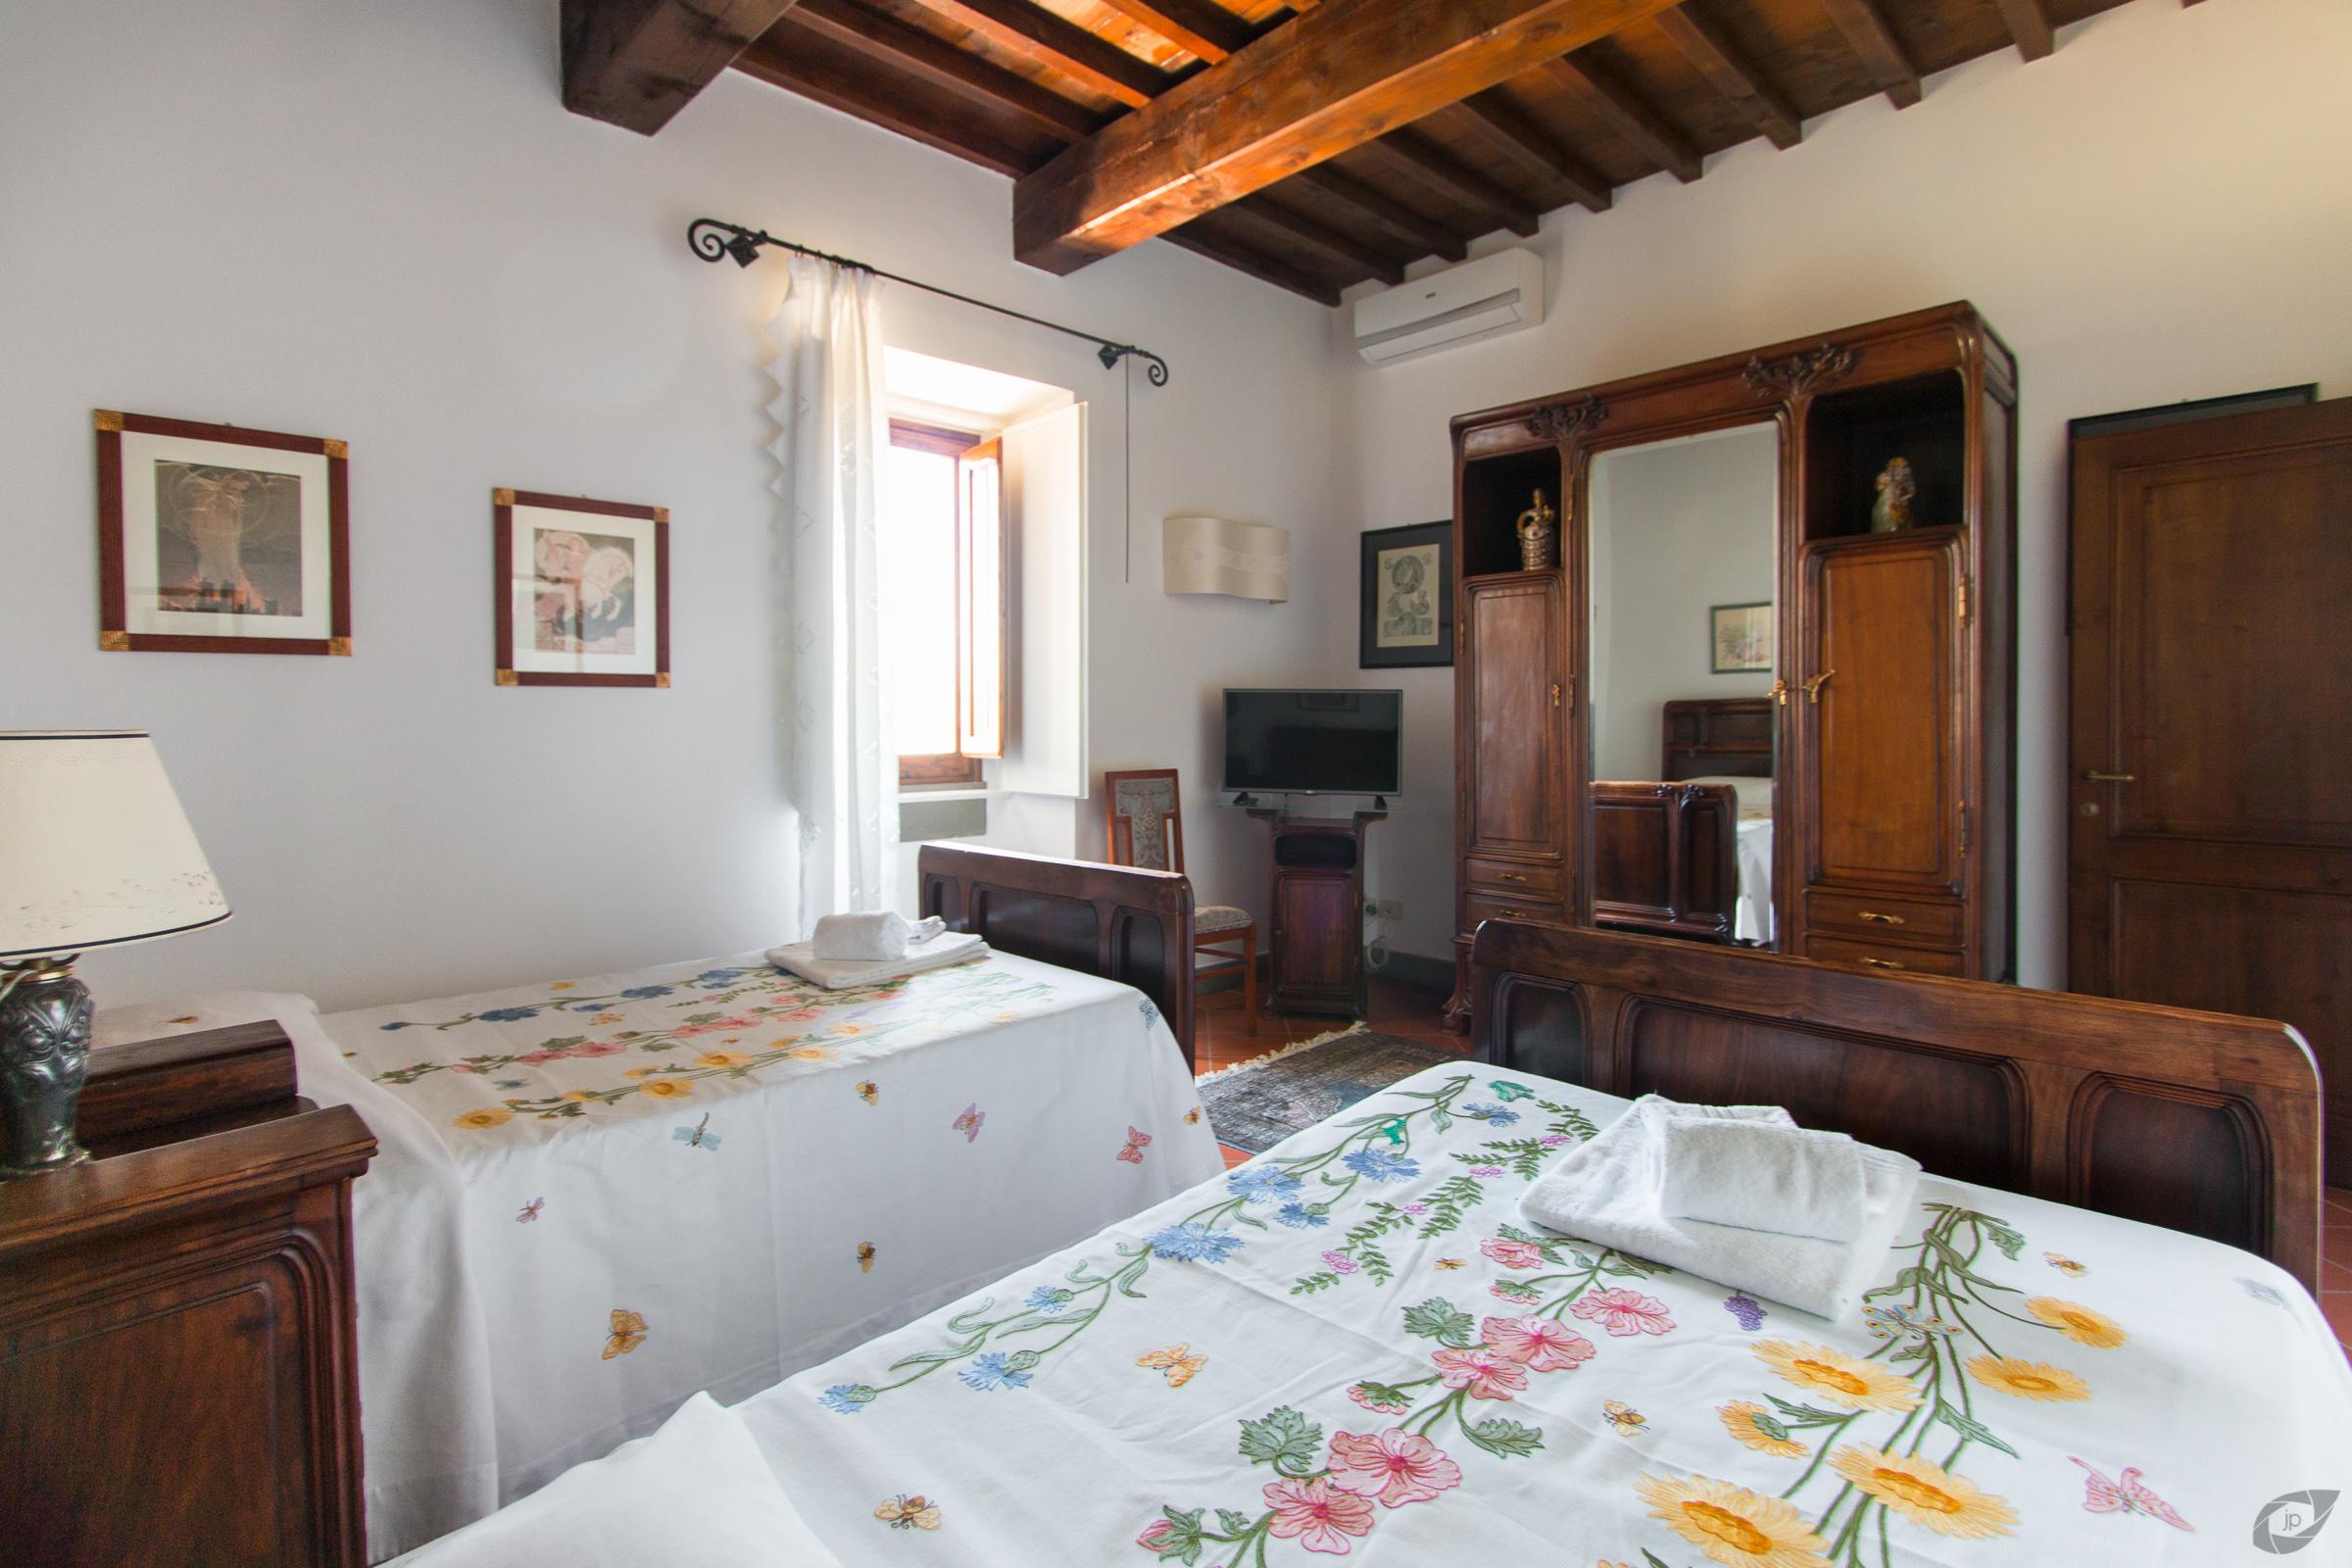 Foto Bagni Stile Country villa la torricella - villas for rent in bagno a ripoli